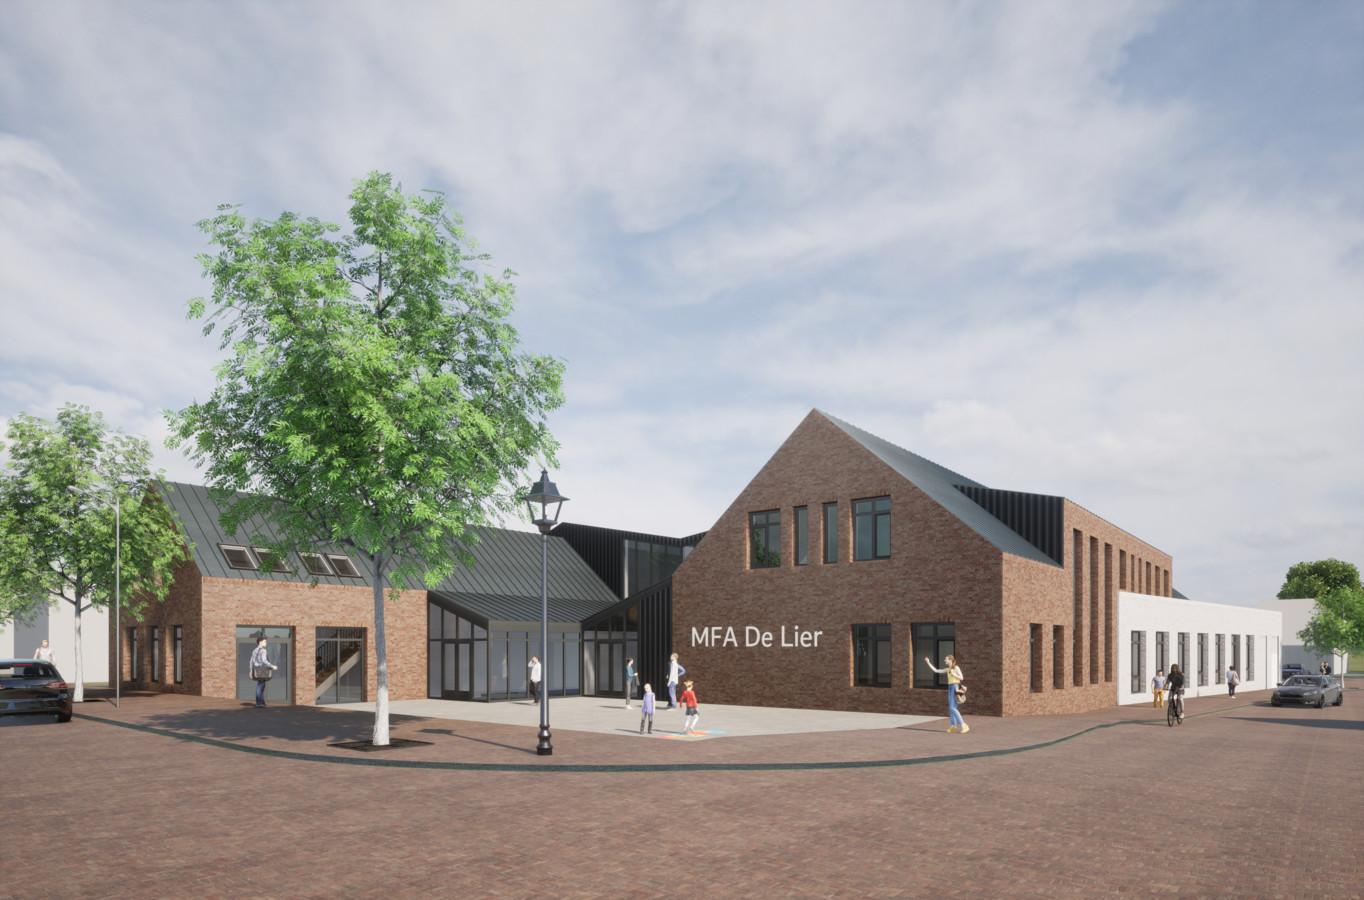 Het eerste ontwerp van het nieuw mfa De Lier in Puiflijk. Het is een voorbeeld, een basis. Het definitieve ontwerp bespreekt de gemeente samen met de inwoners van Puiflijk.